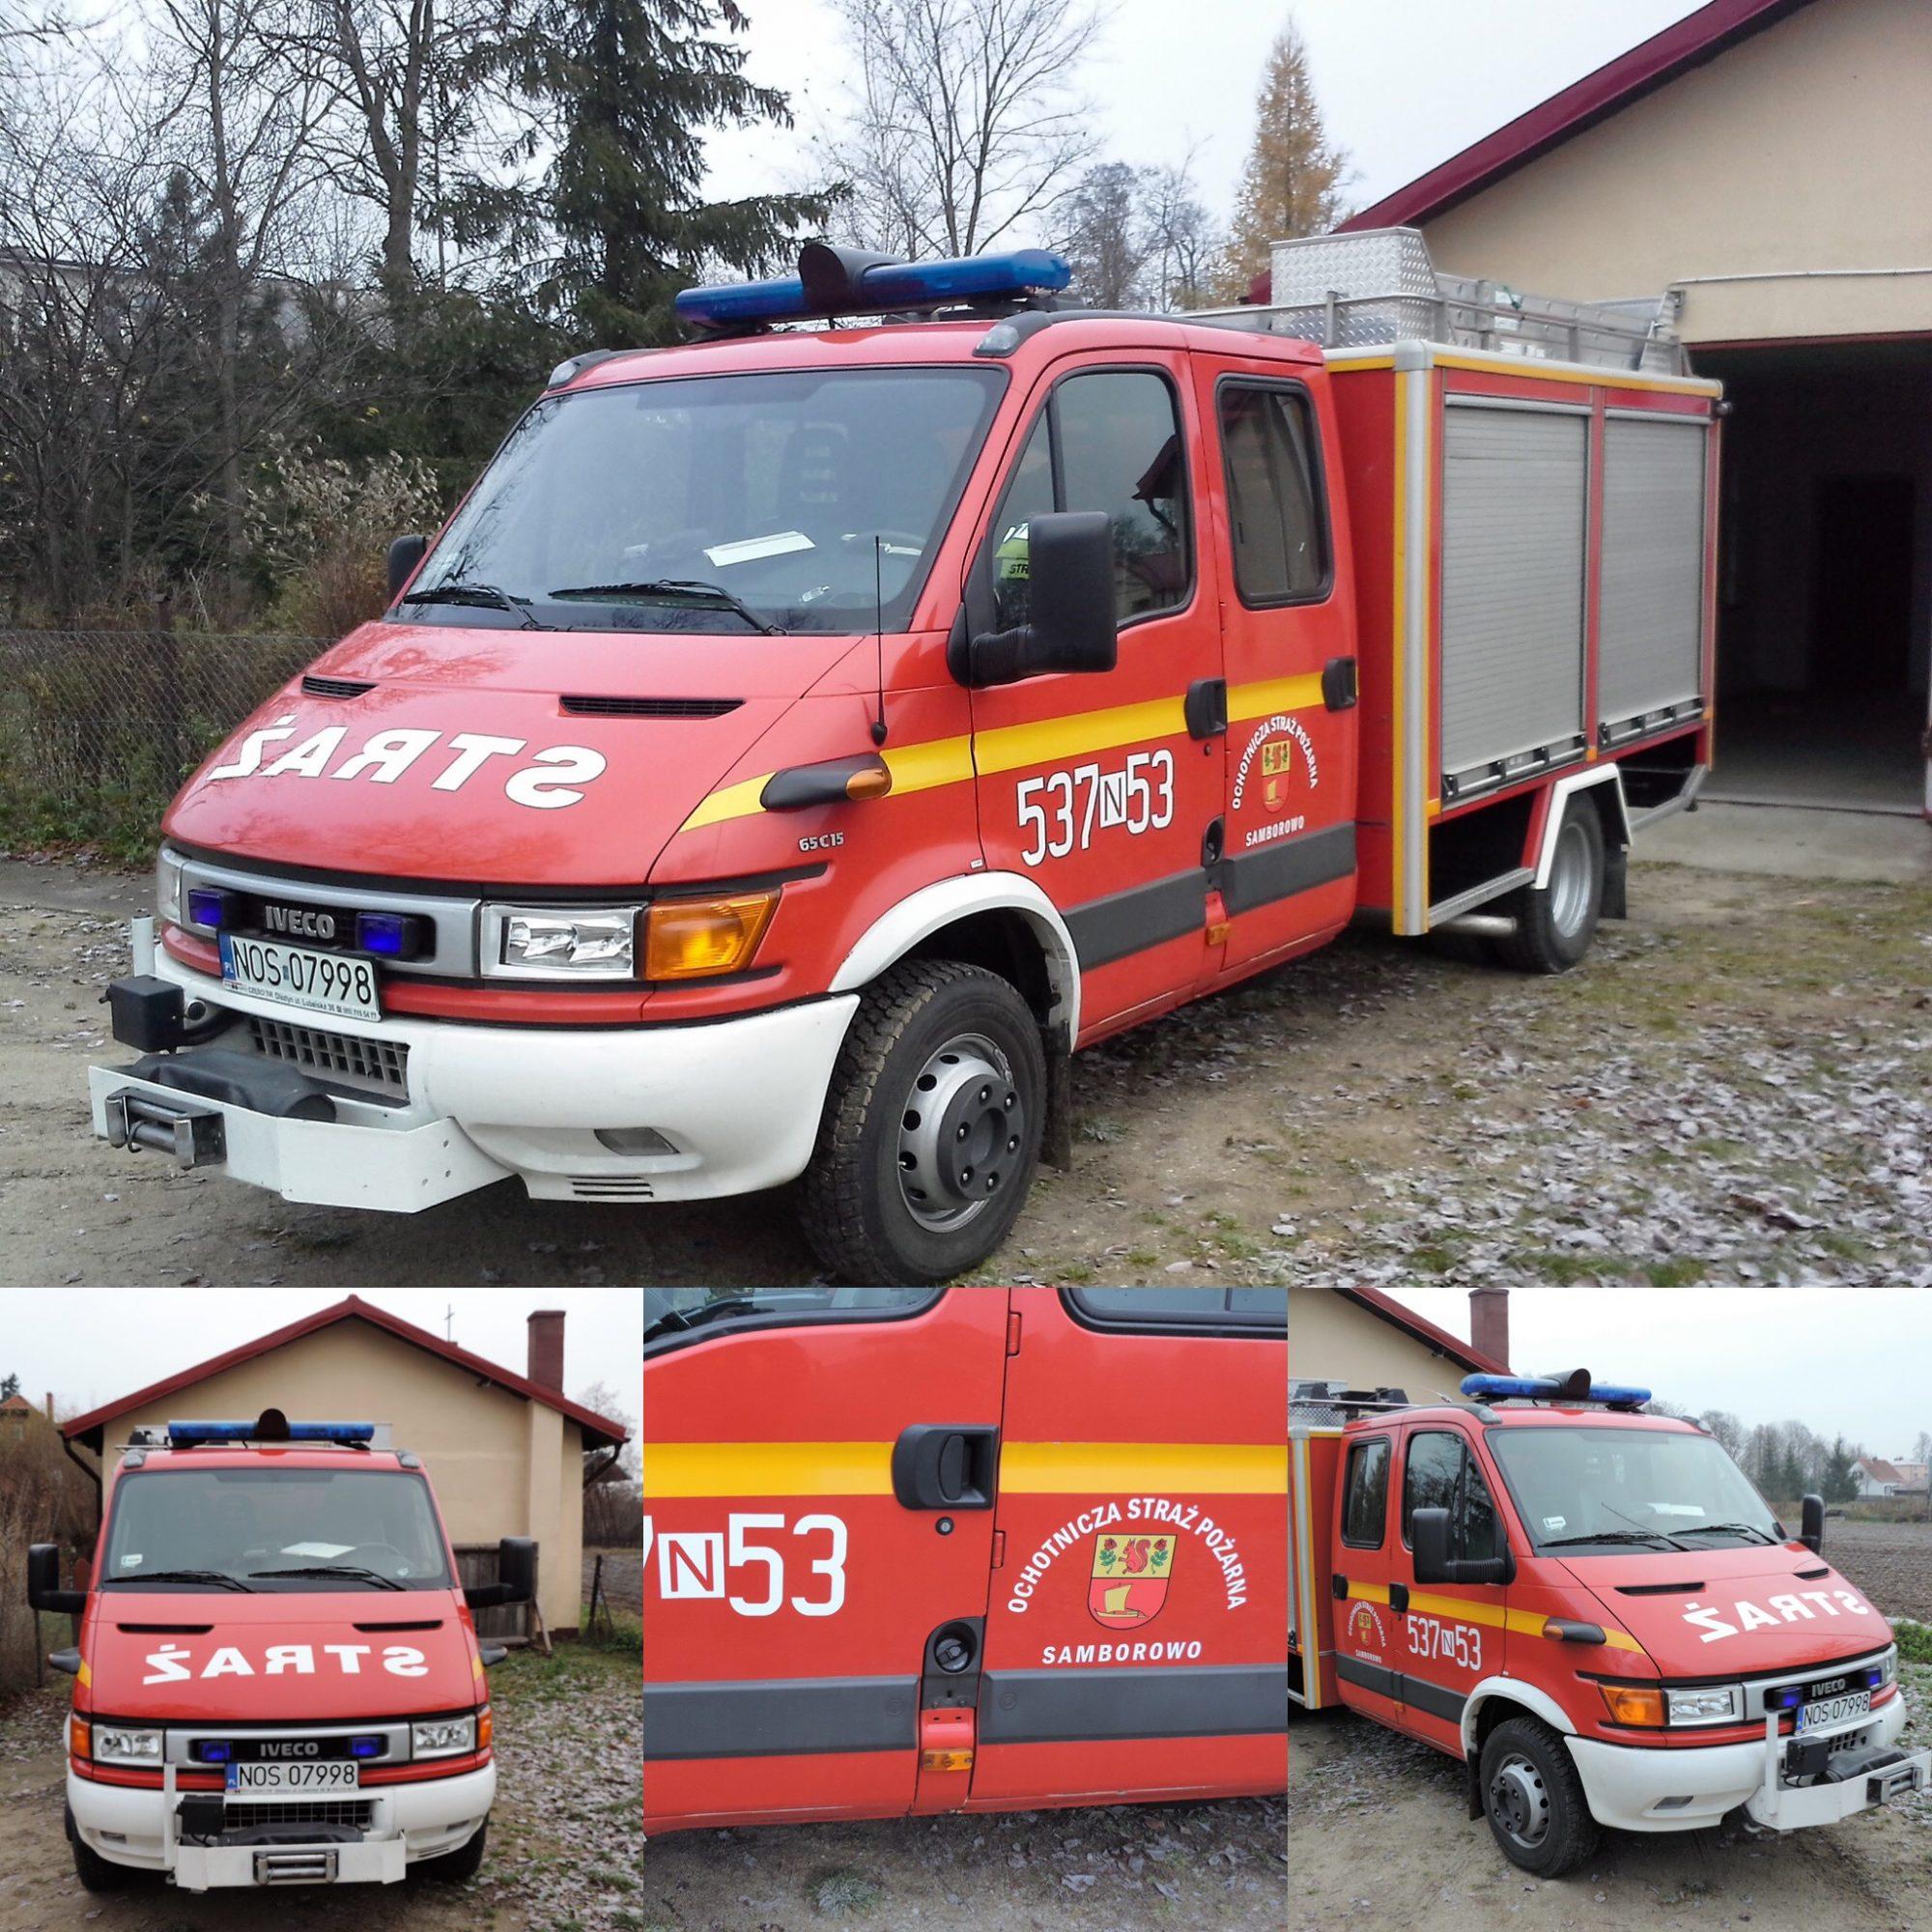 Ochotnicza Straż Pożarna Samborowo